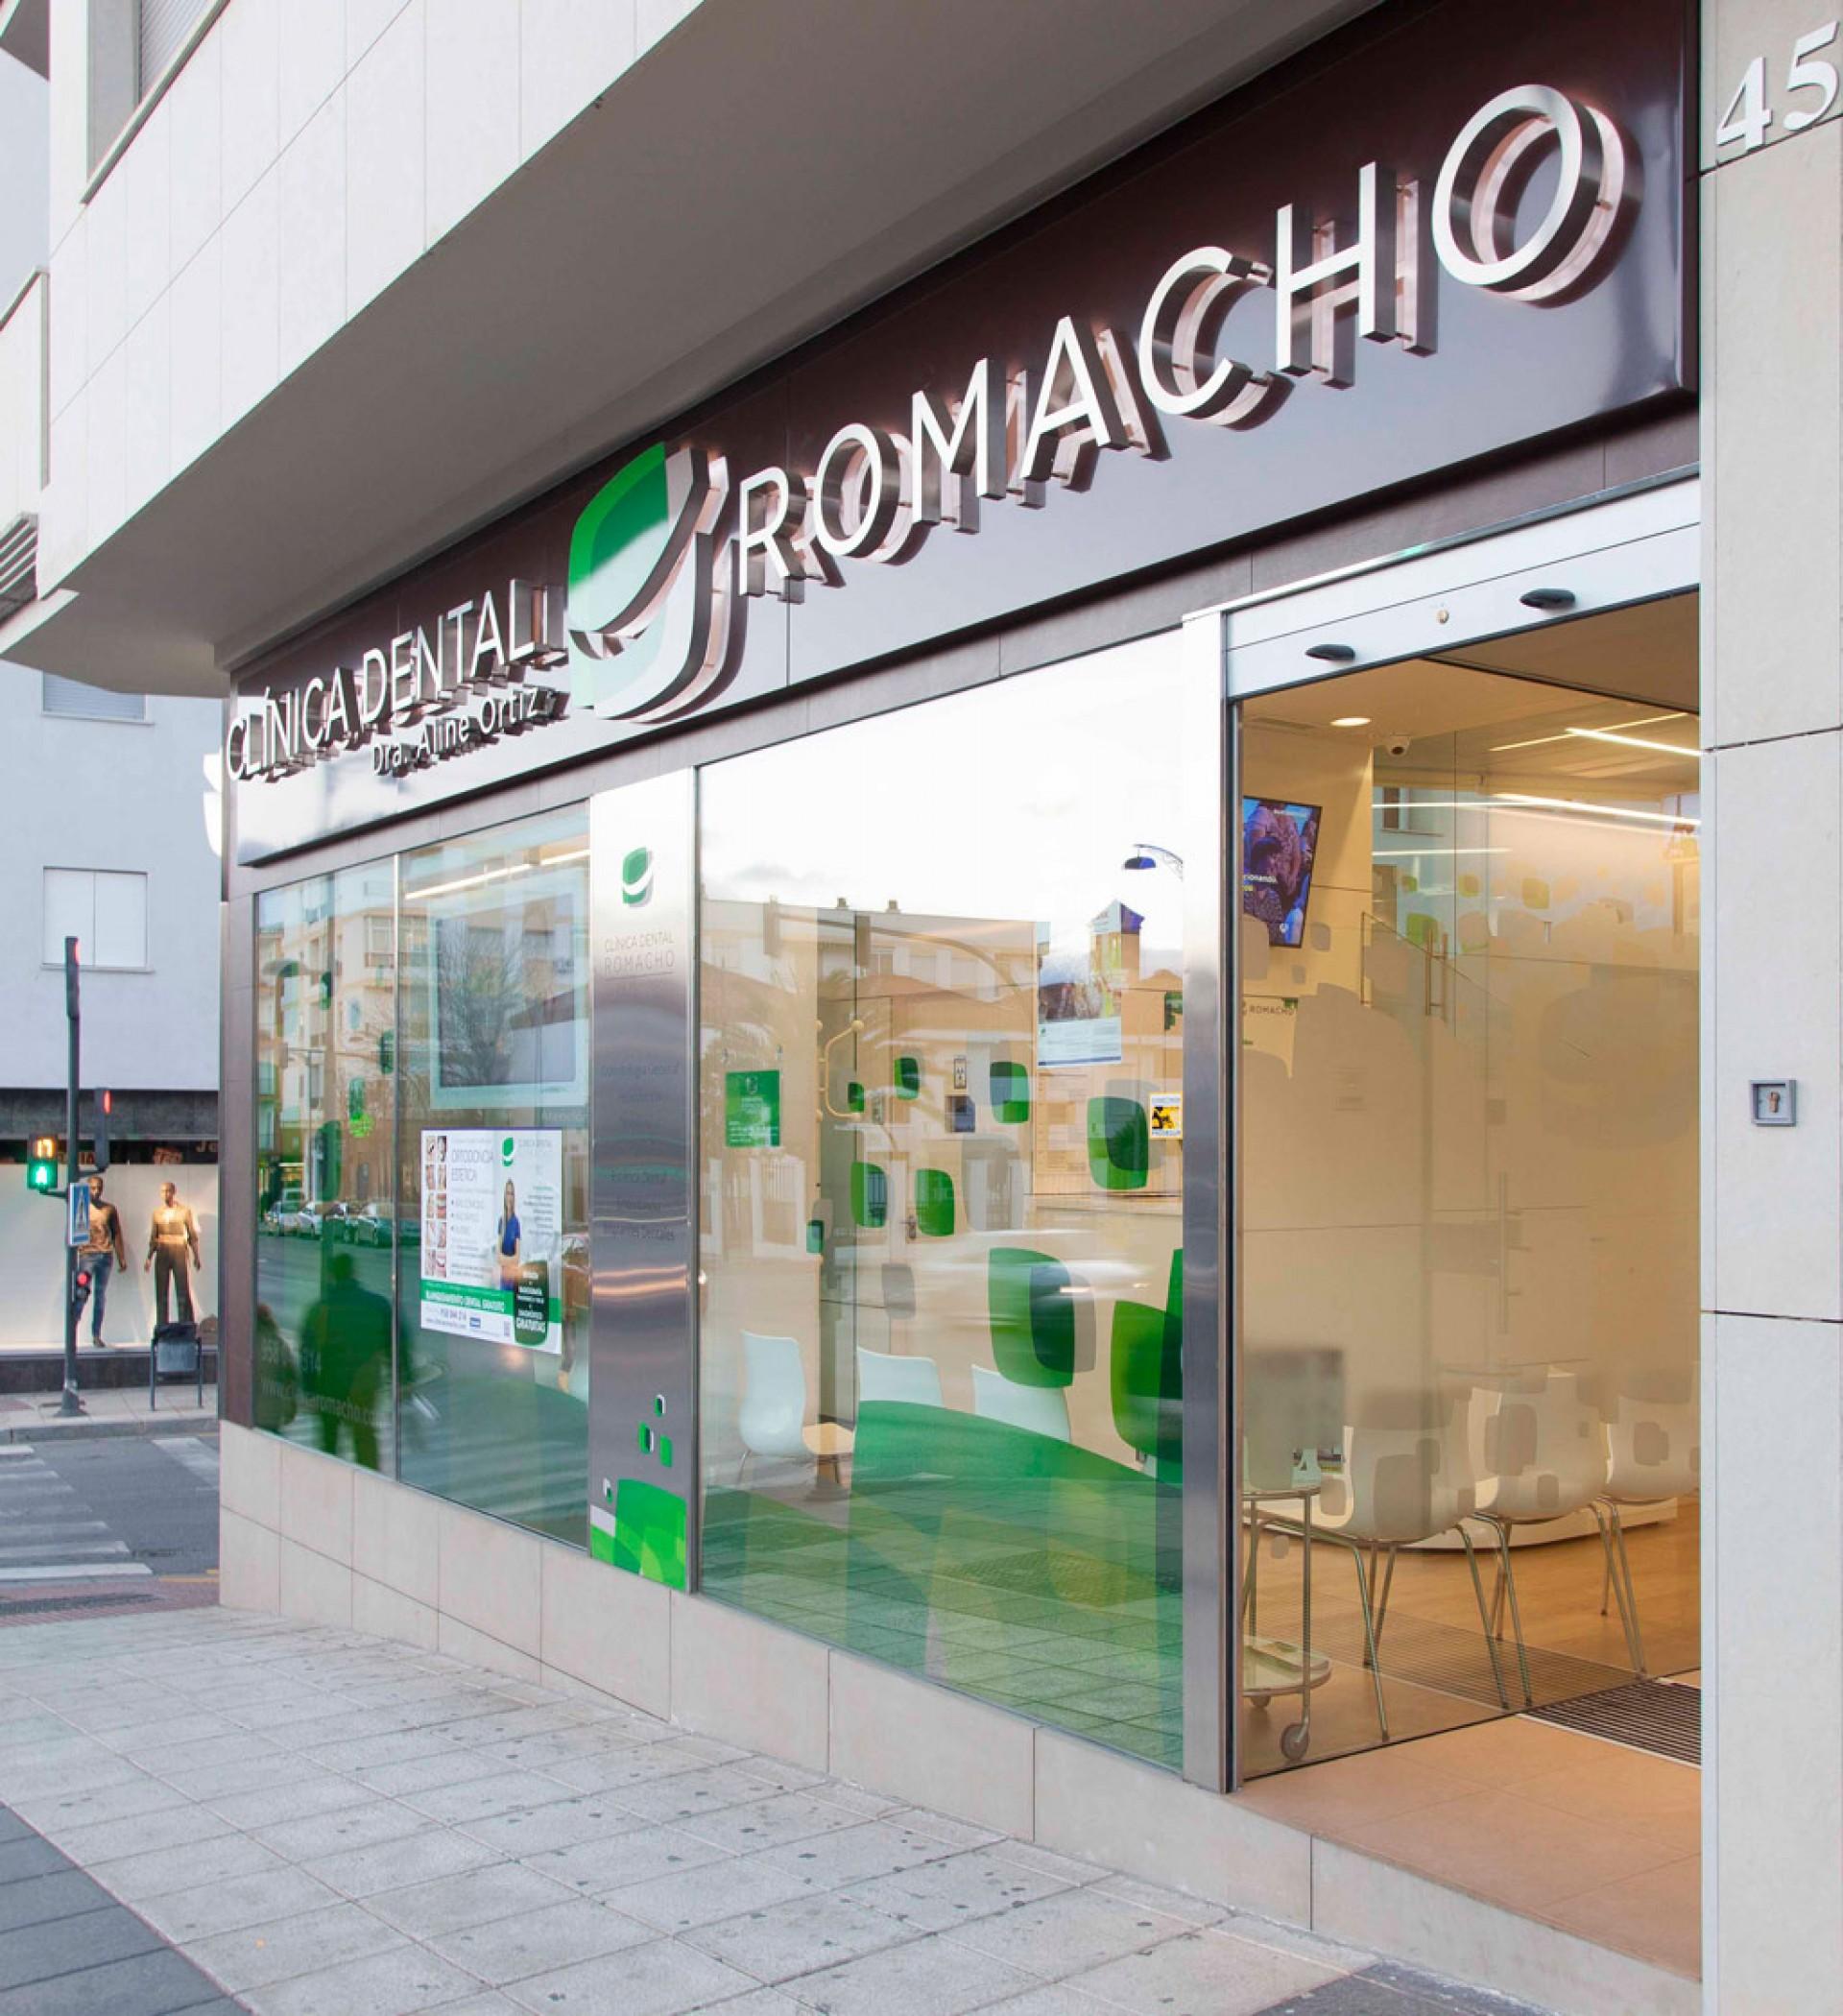 CLÍNICA DENTAL ROMACHO